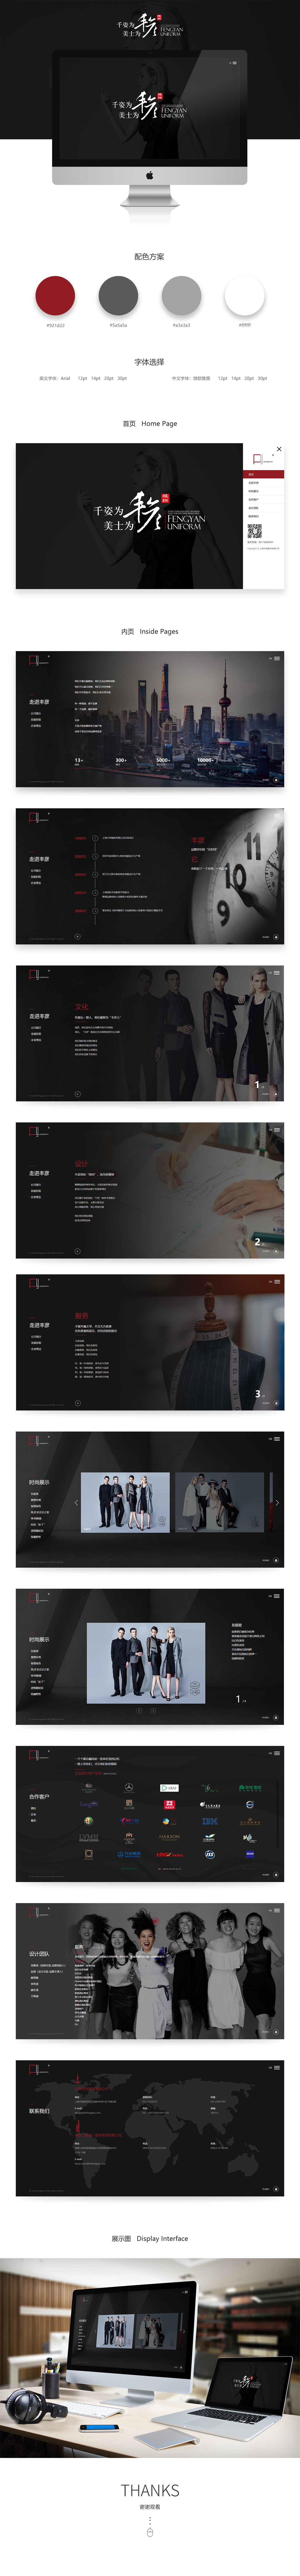 公司案例展示2018-39上海丰彦服饰有限公司